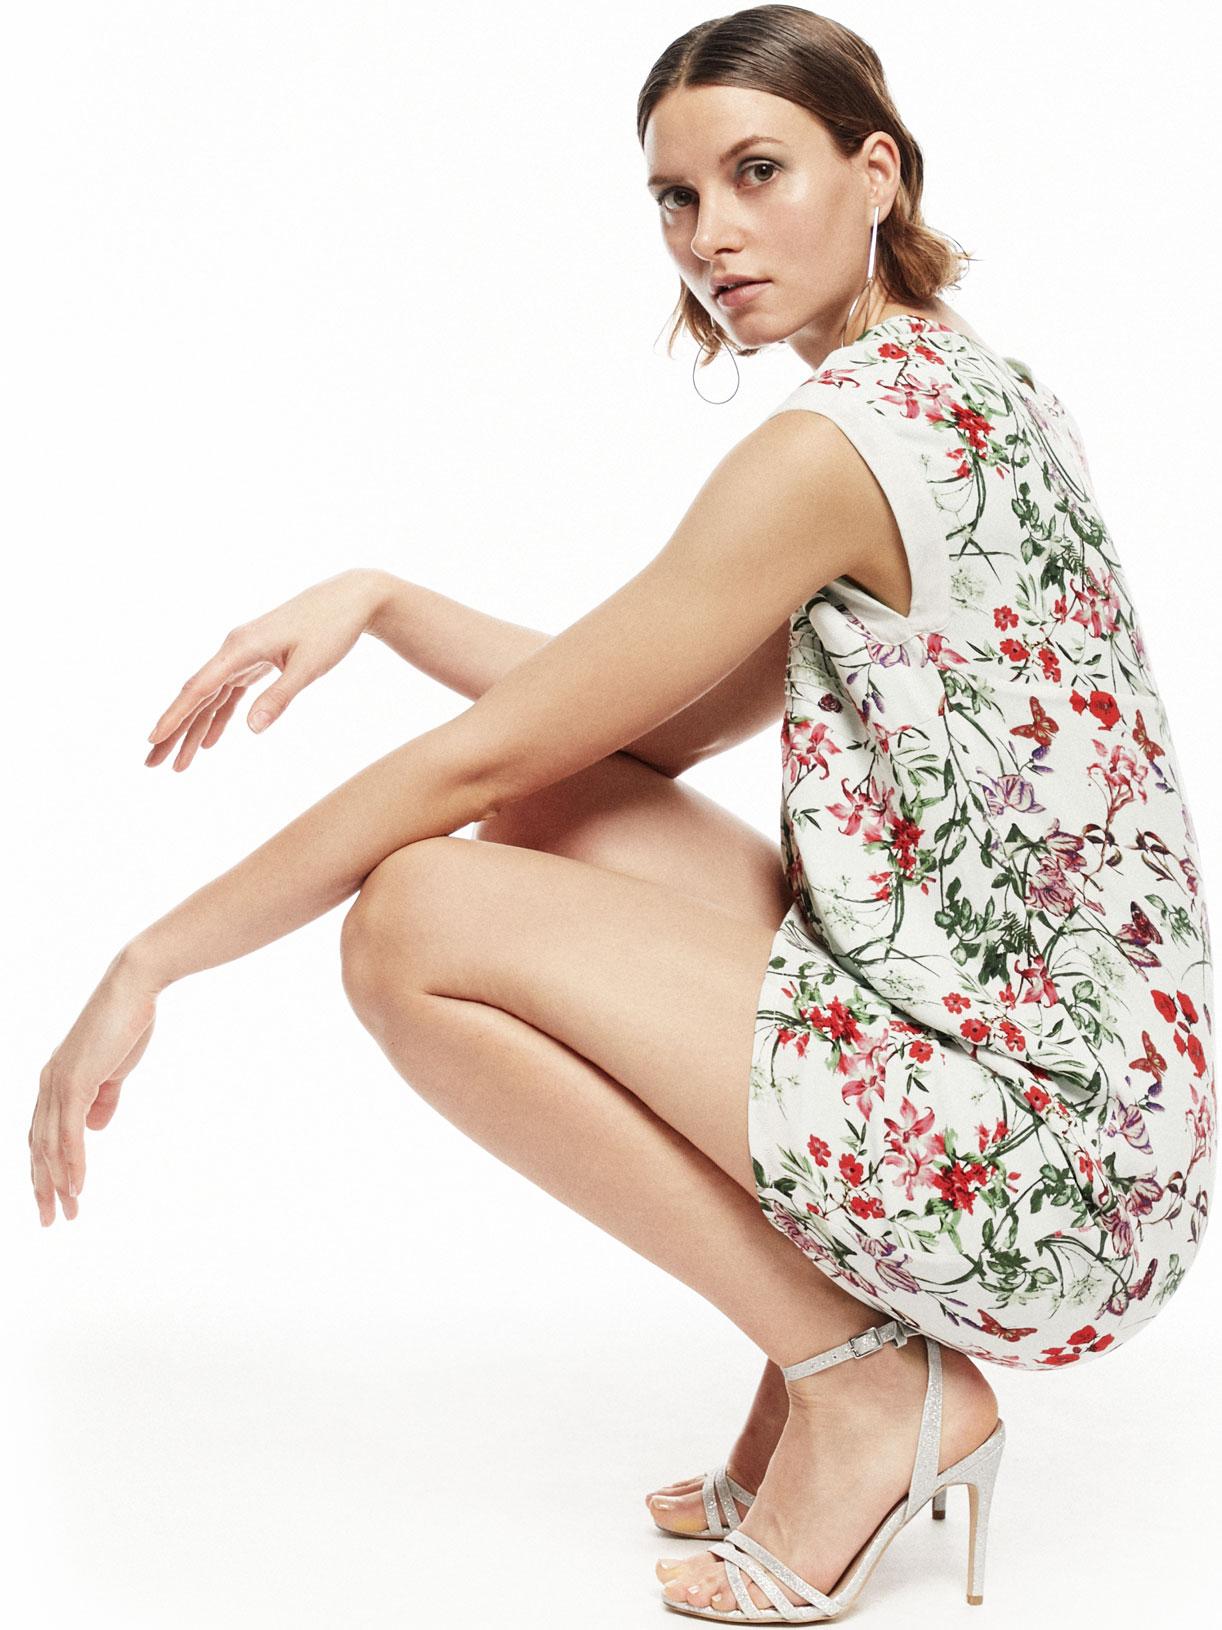 Robe courte d'invitée mariage a motif fleuri   écoresponsable - Creatrice de mode éthique et bio a Paris - Myphilosophy